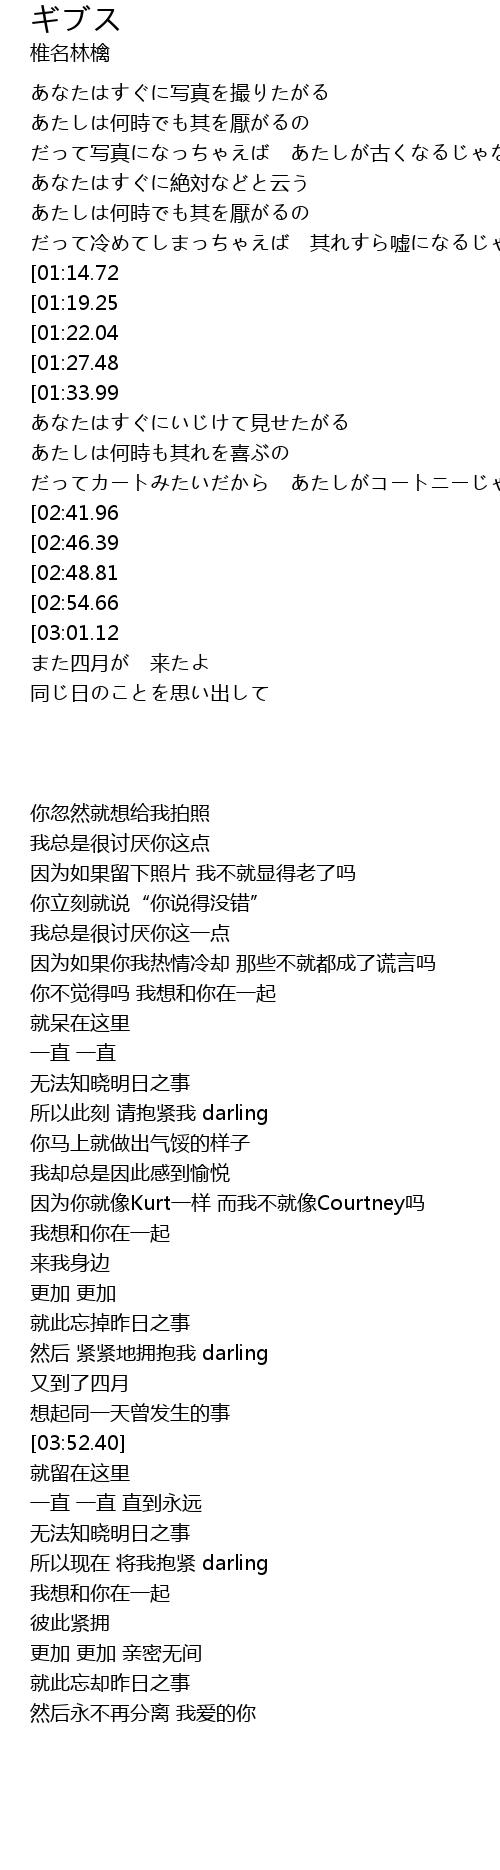 林檎 歌詞 椎名 ギブス